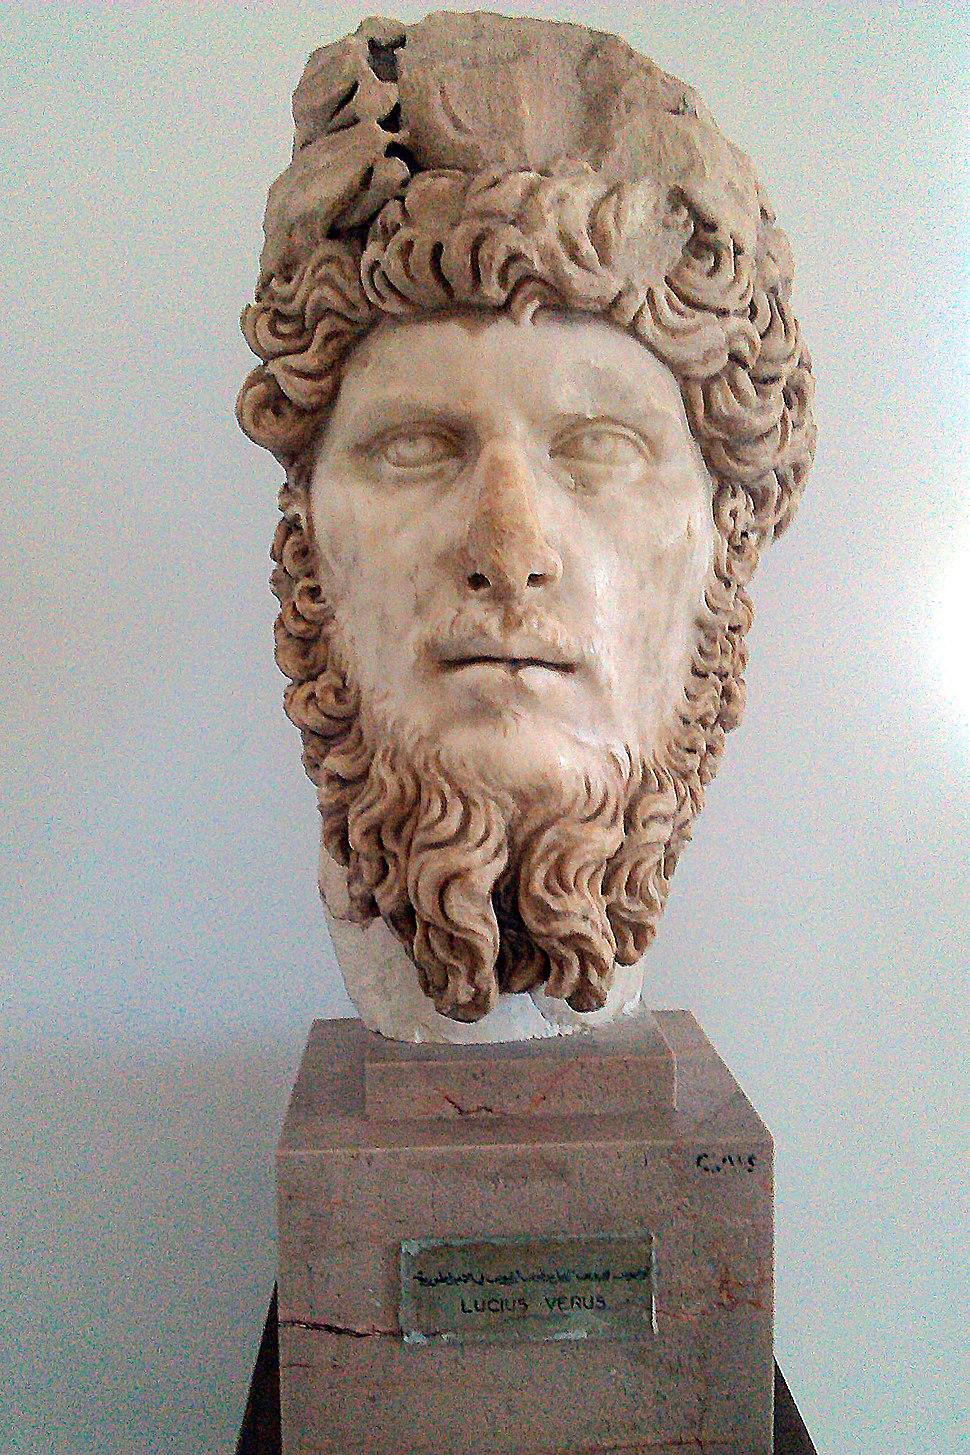 Lucius verus bardo